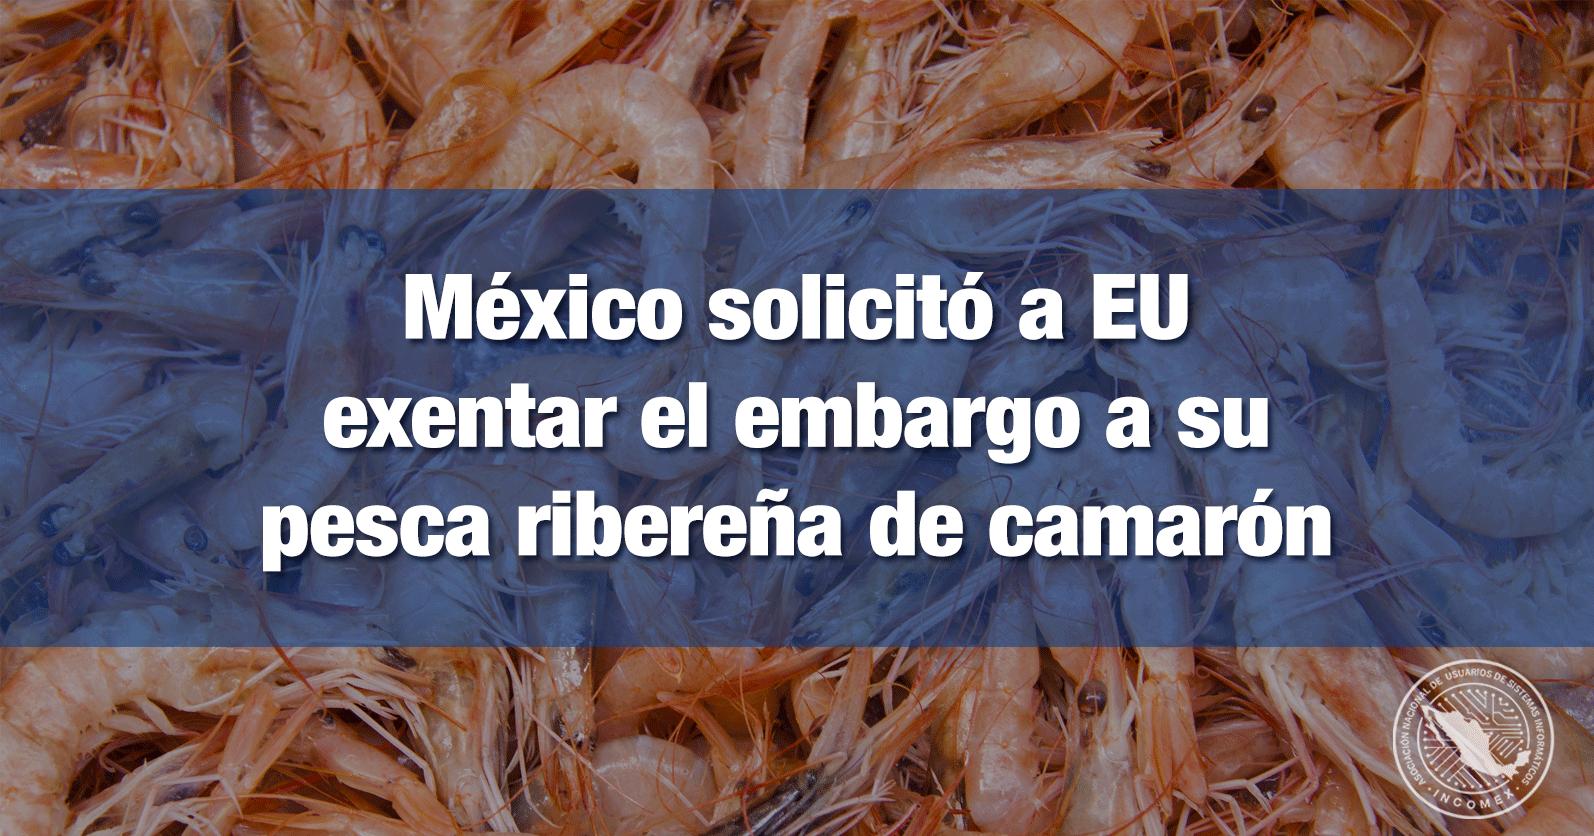 México solicitó a EU exentar el embargo a su pesca ribereña de camarón